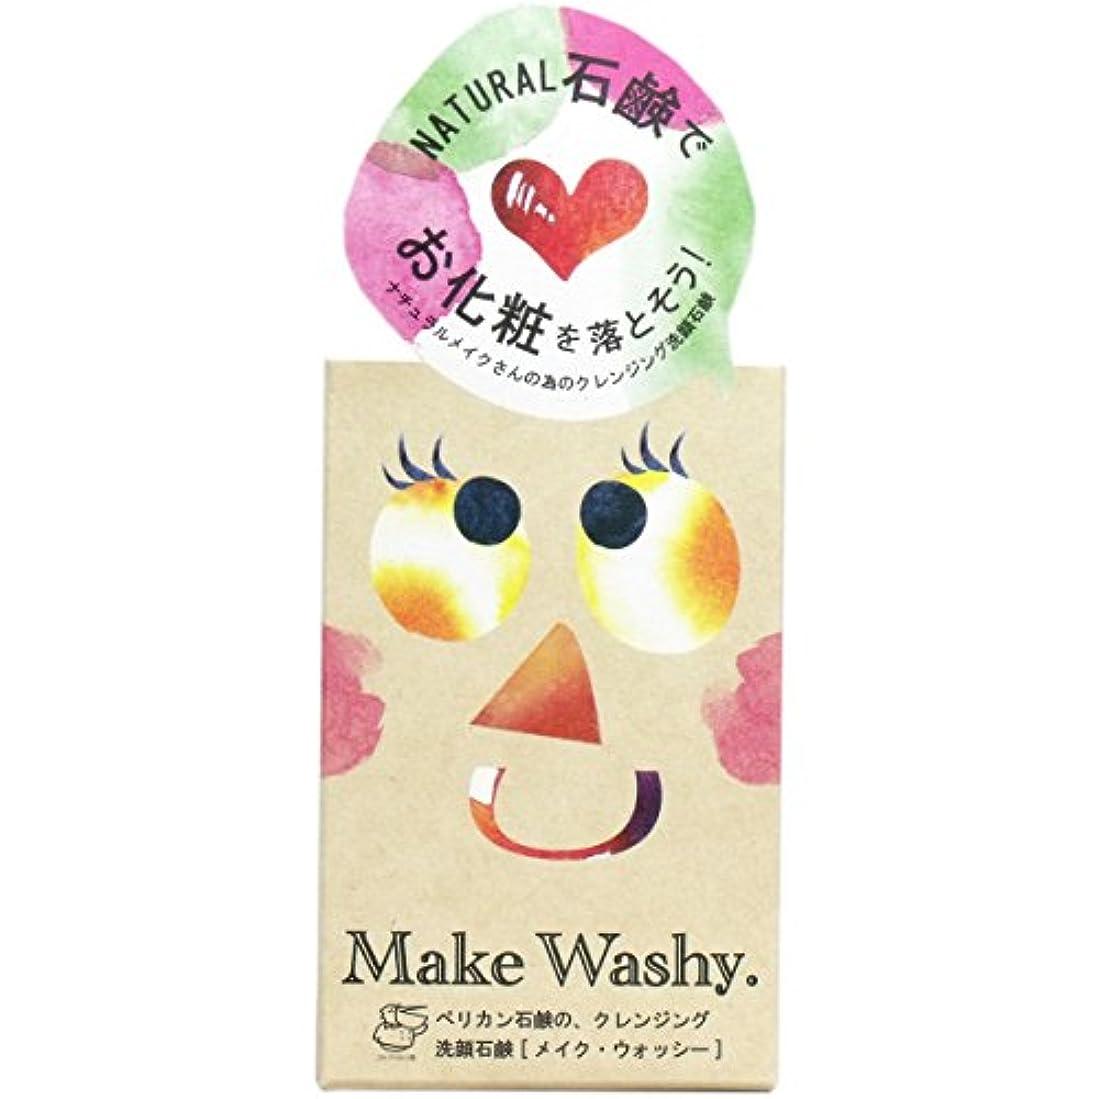 イノセンス一般的なライオネルグリーンストリートメイクウォッシー 洗顔石鹸 × 3個セット